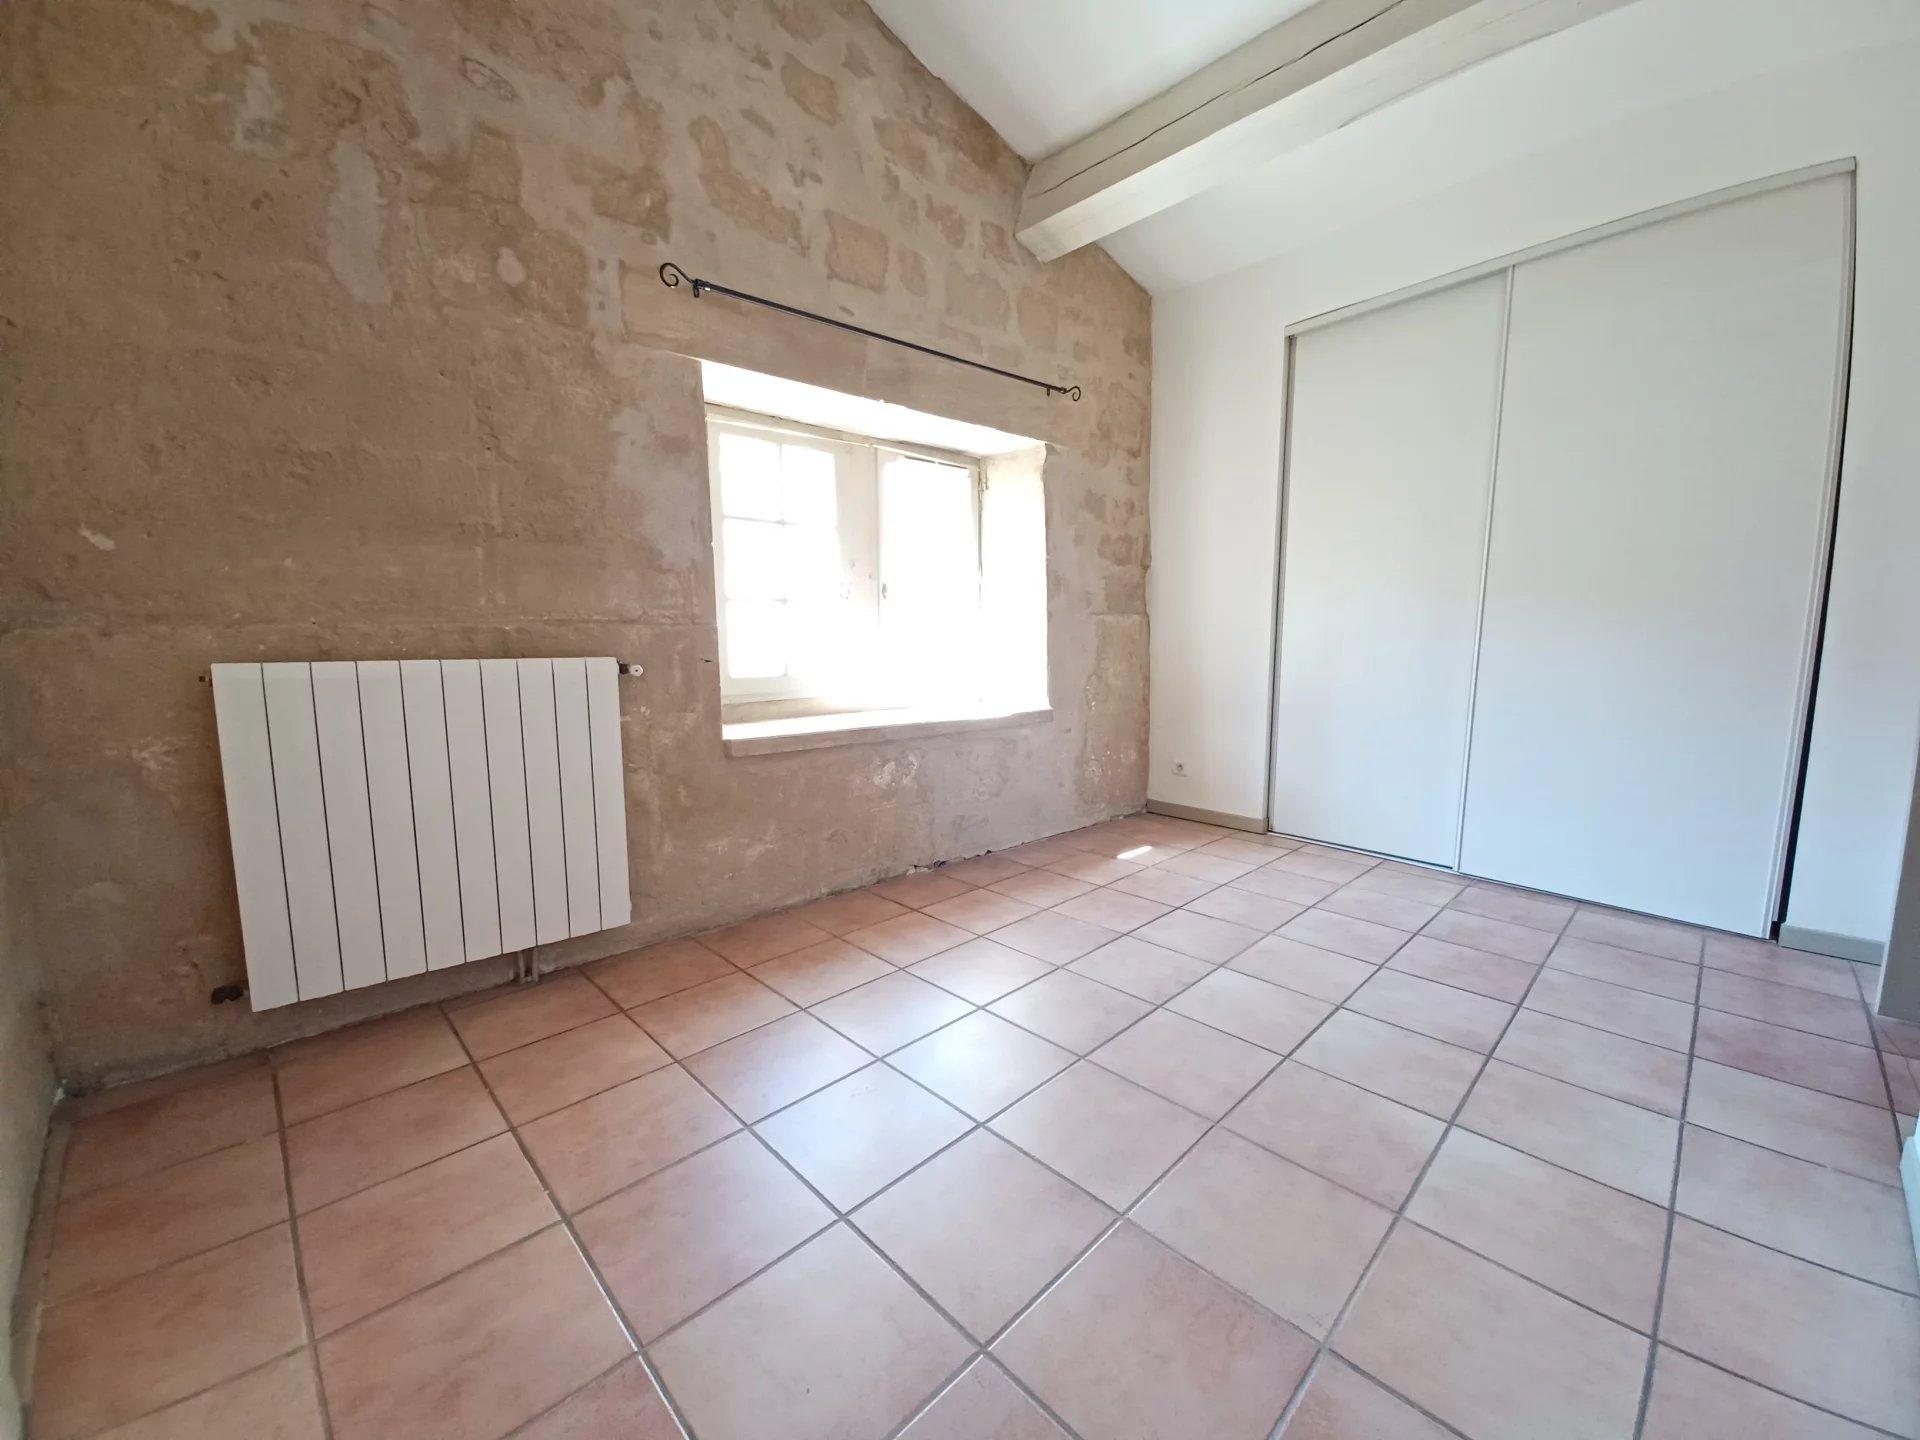 Location Appartement TARASCON séjour de 17.88 m²